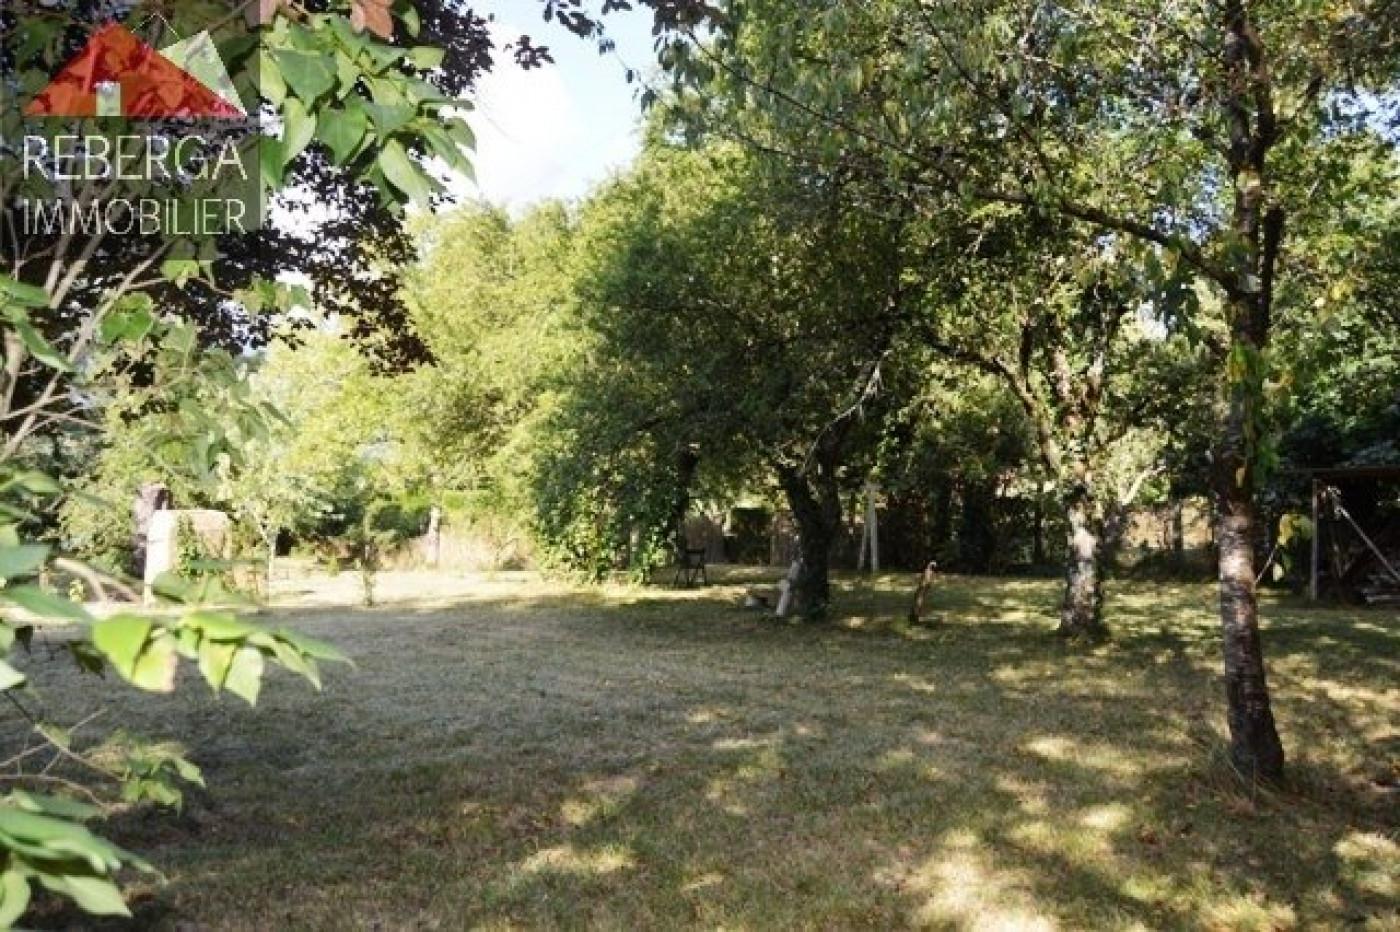 A vendre  Pont De Larn | Réf 810203271 - Reberga immobilier